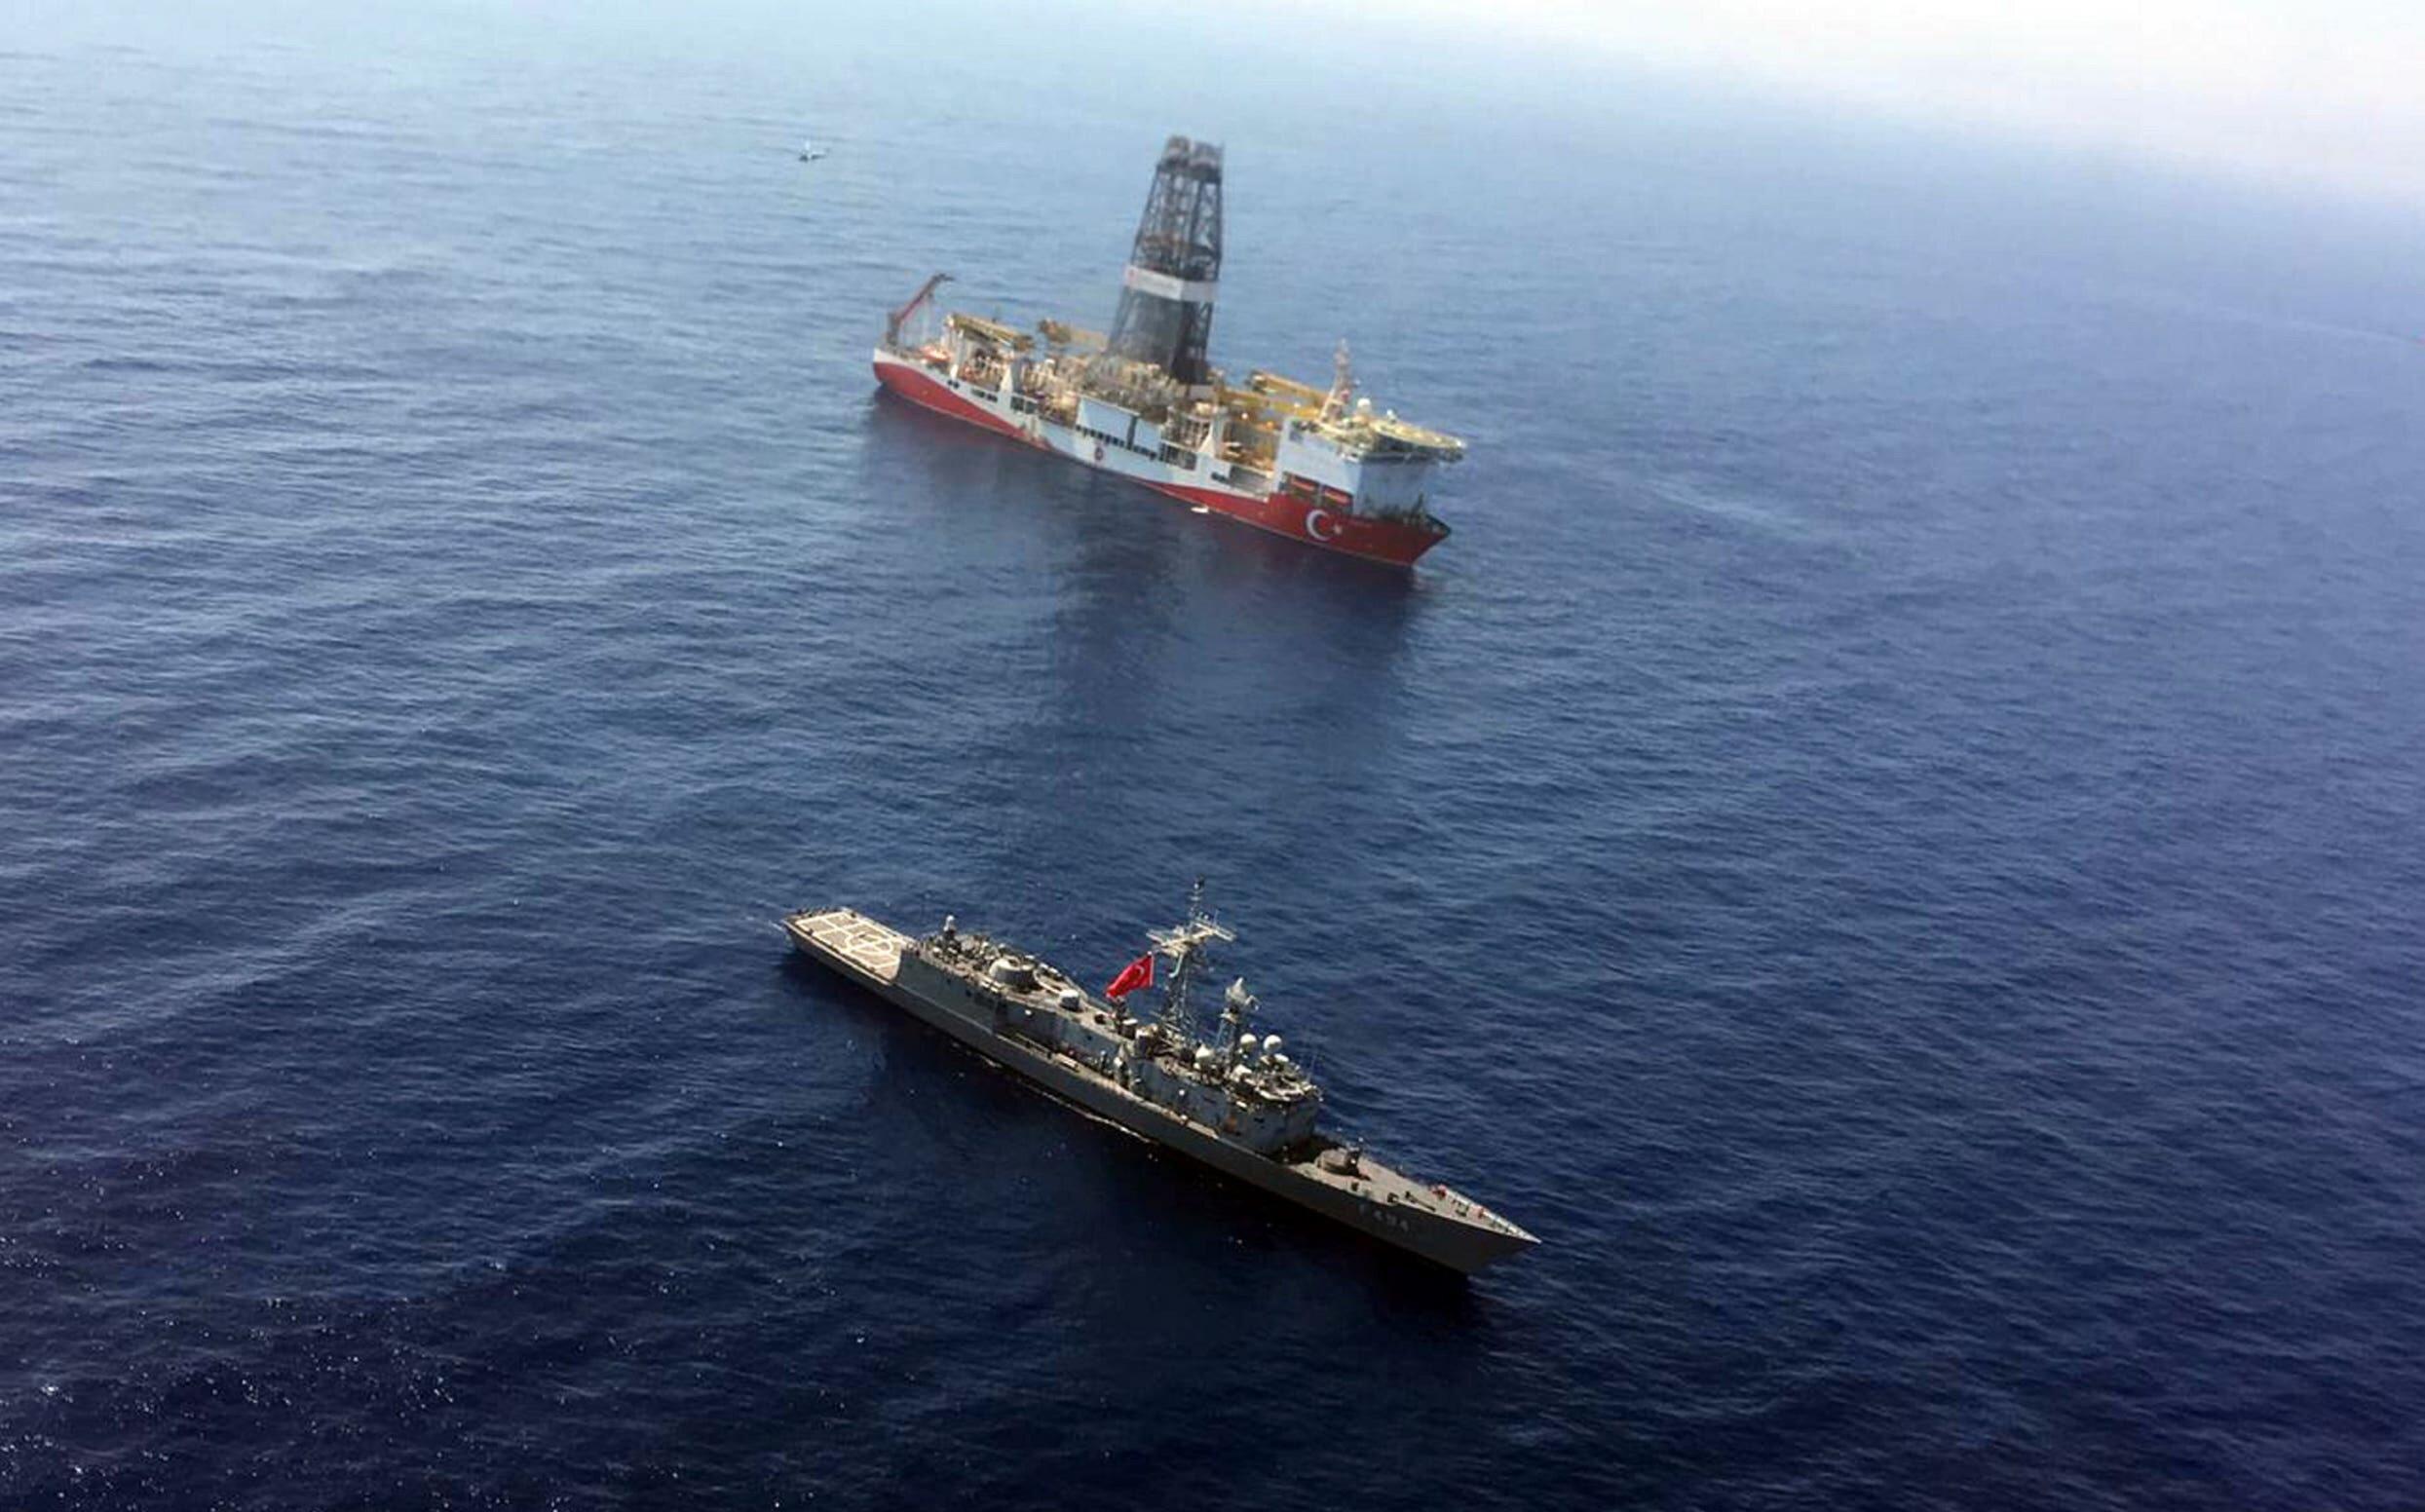 Sakarya Gaz Sahası'nda keşfedilen 320 milyar metreküp doğal gaz rezerviyle Türkiye'nin enerji ithal faturası ciddi miktarda azalacak.